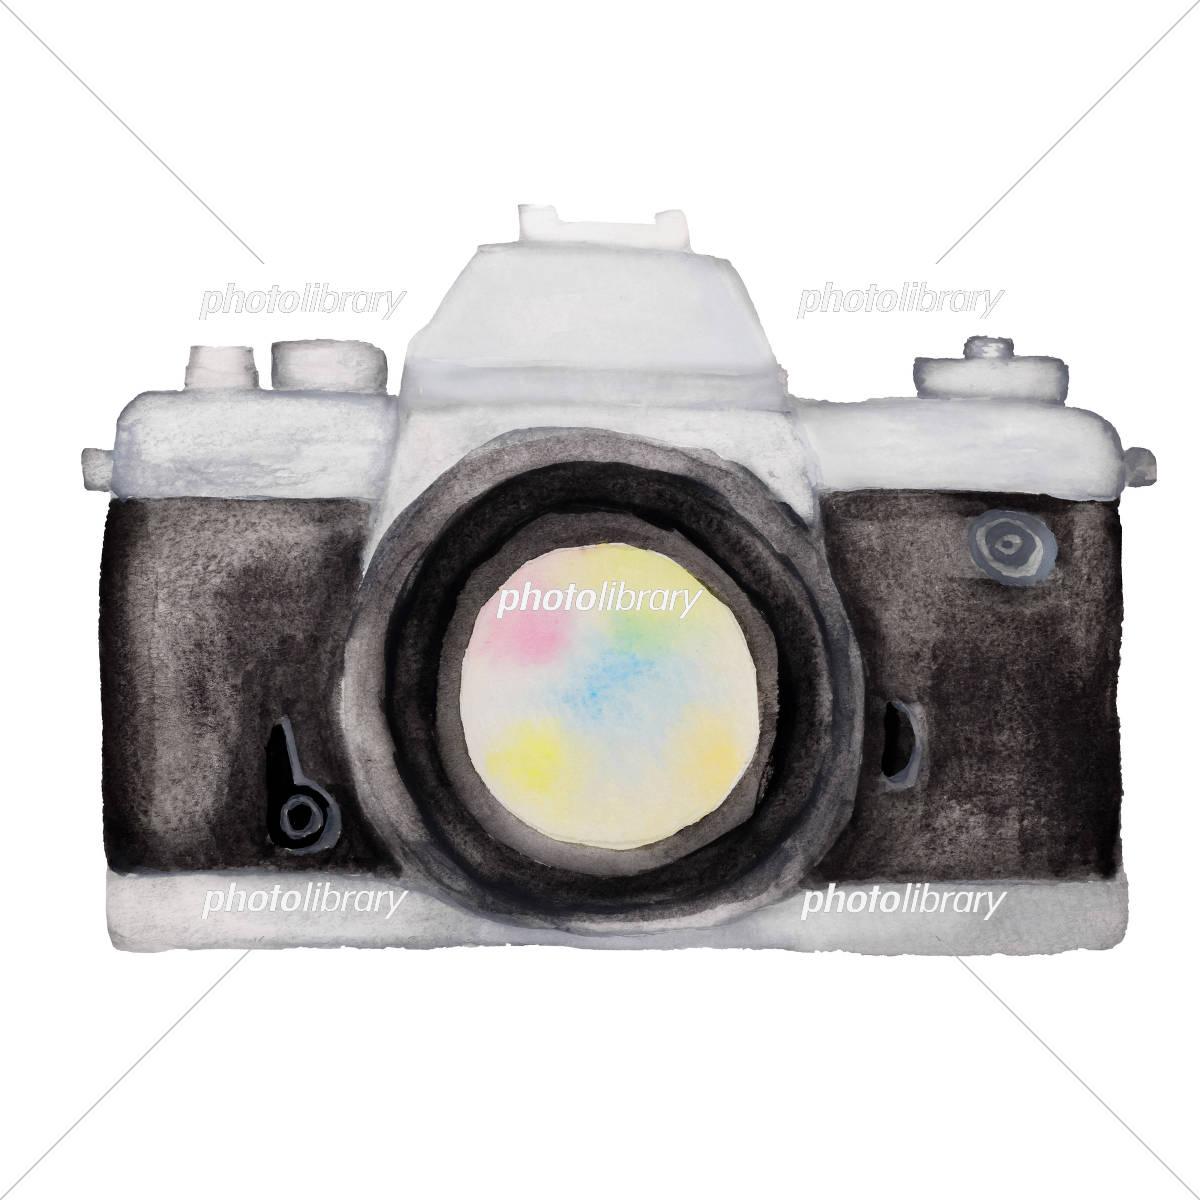 一眼レフカメラ イラスト素材 [ 5187101 ] - フォトライブラリー